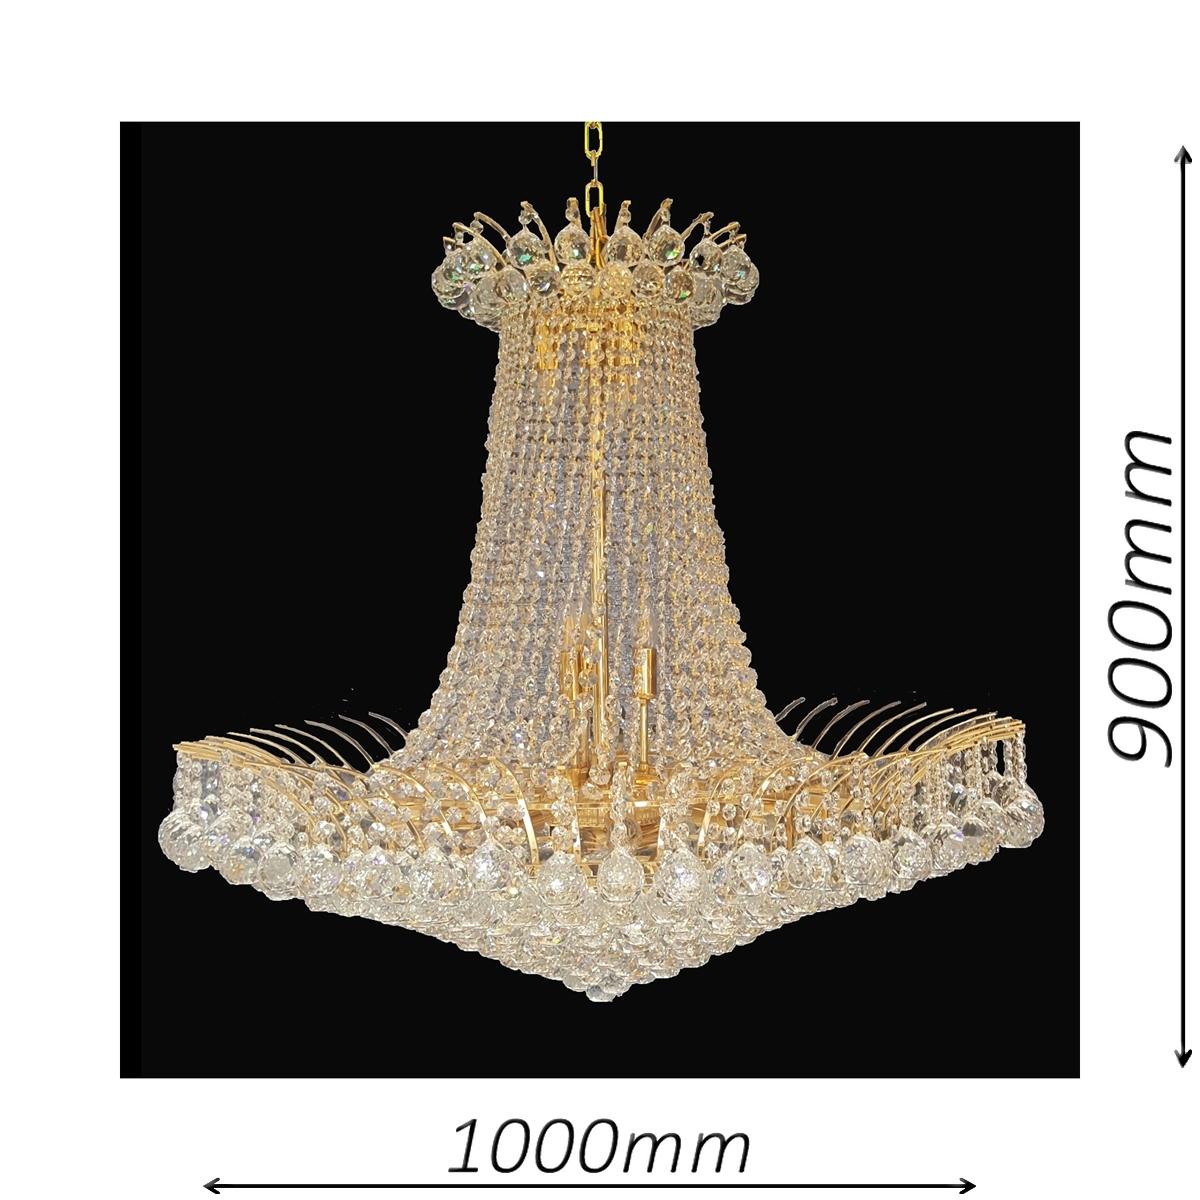 Devon 1000 Gold Chandelier - CRPDEV211000GD